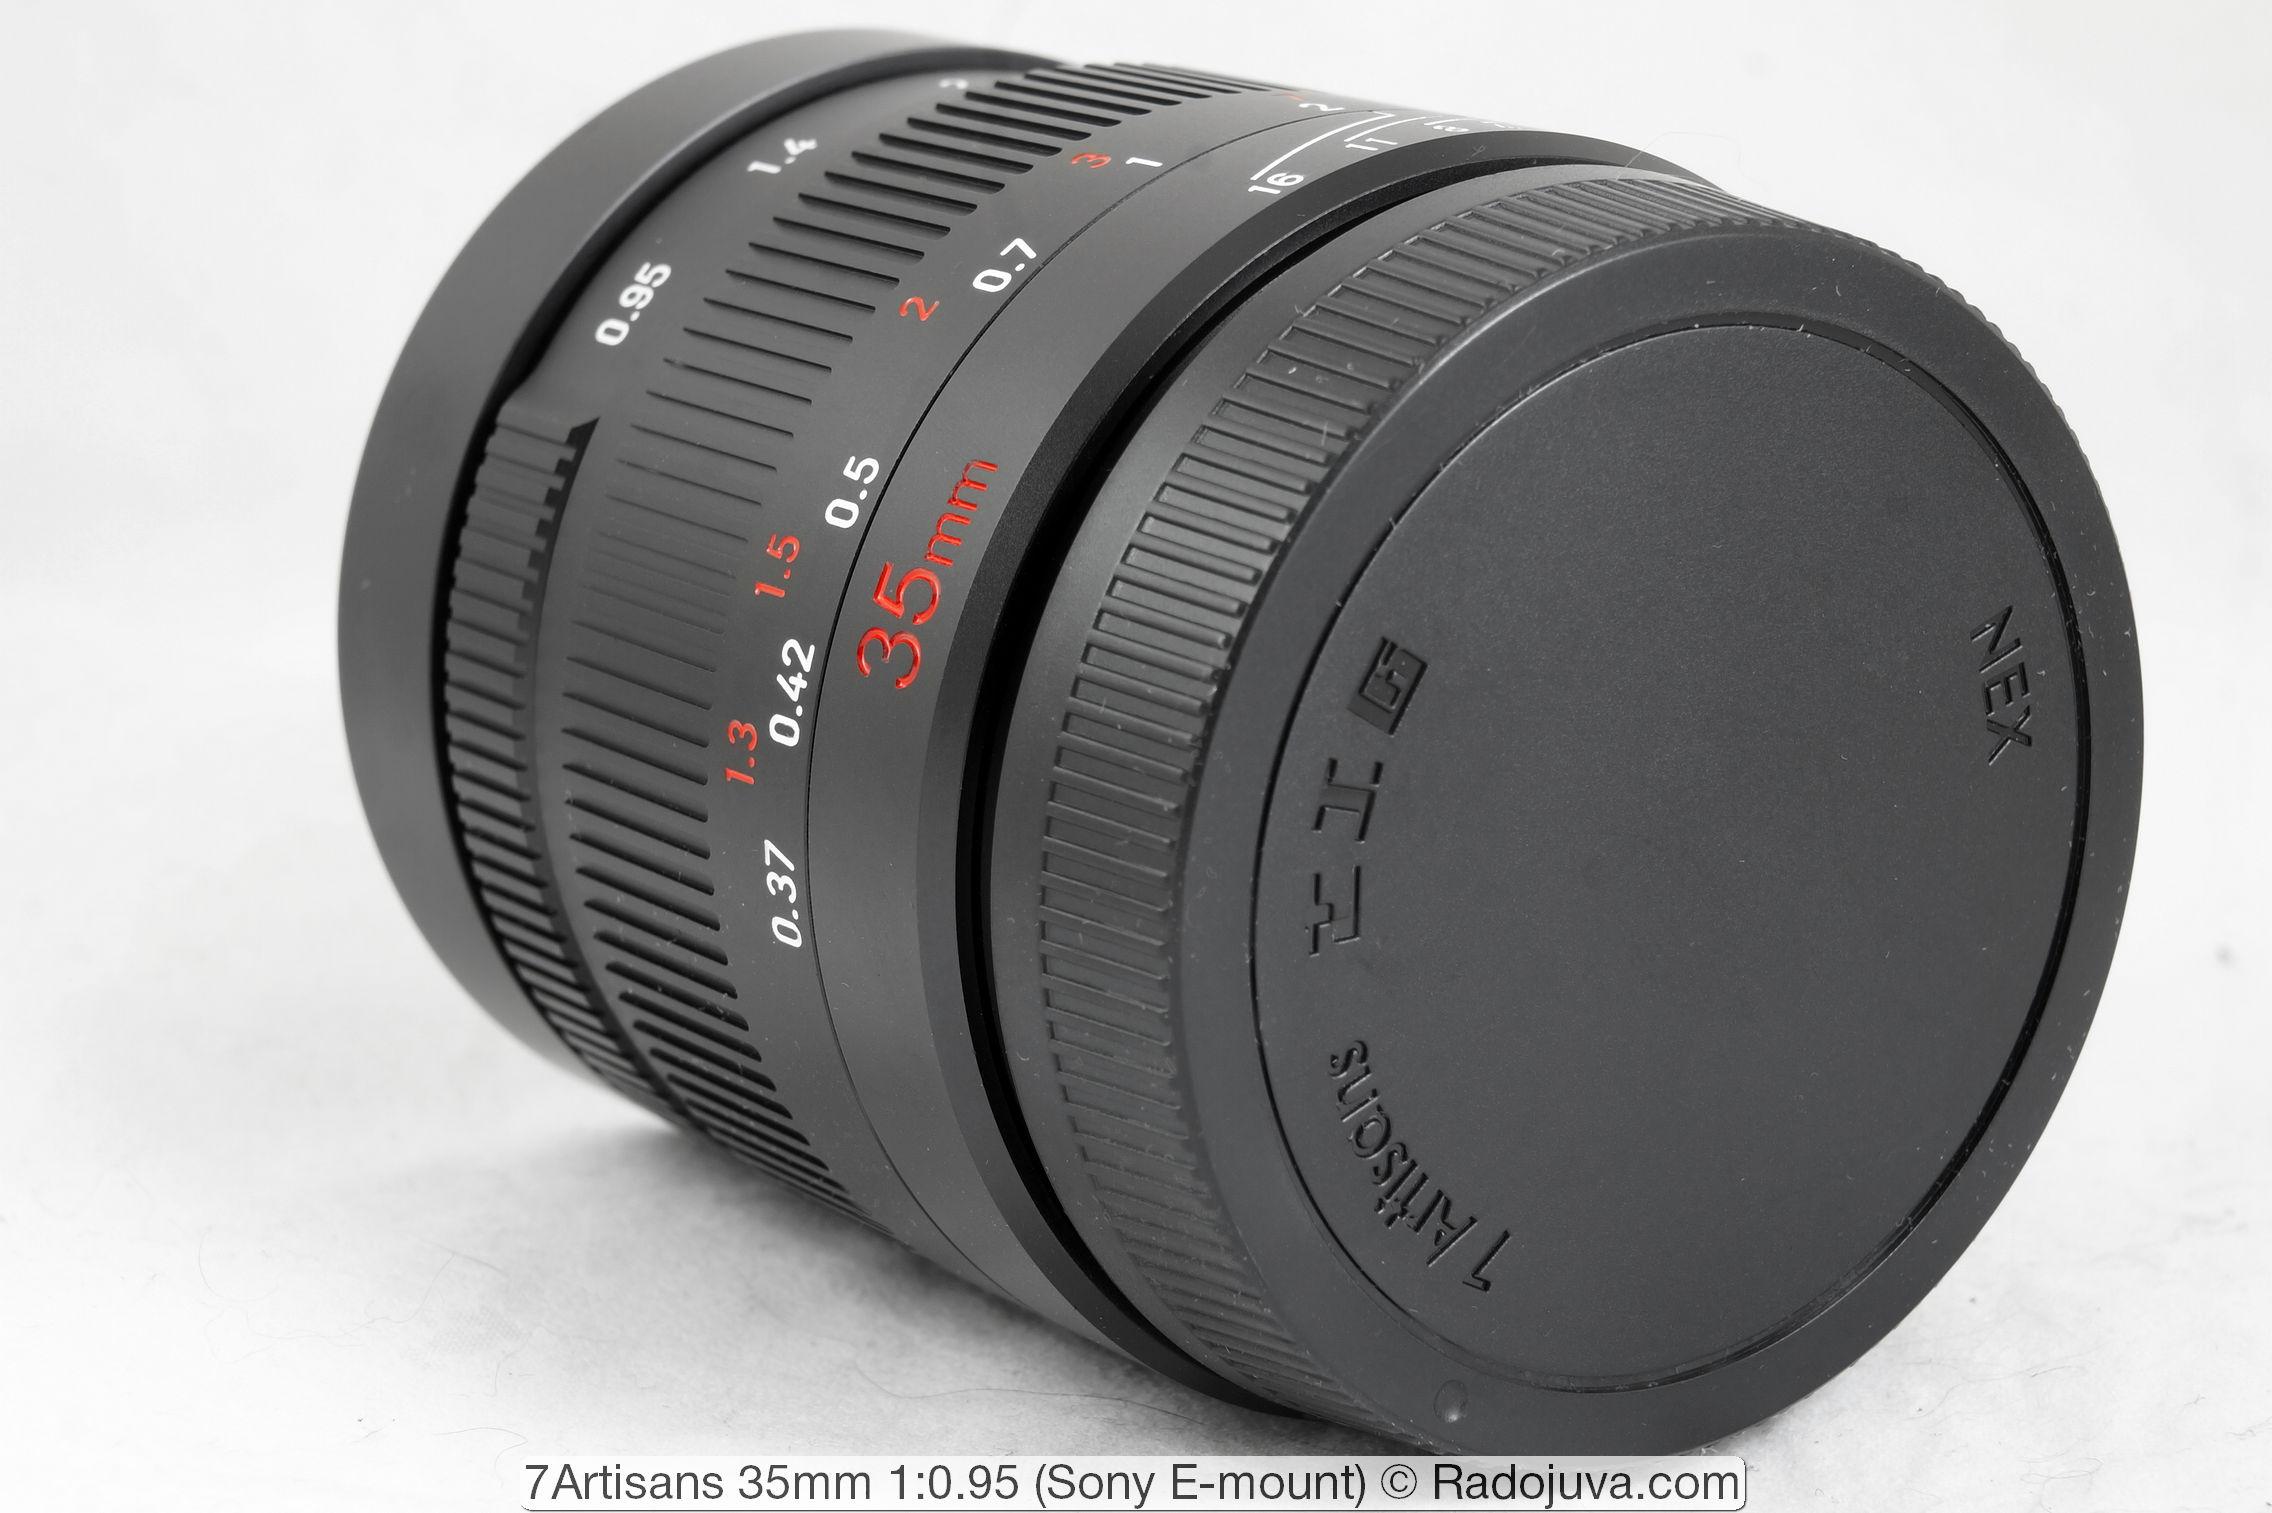 7Artisans 35mm 1: 0.95